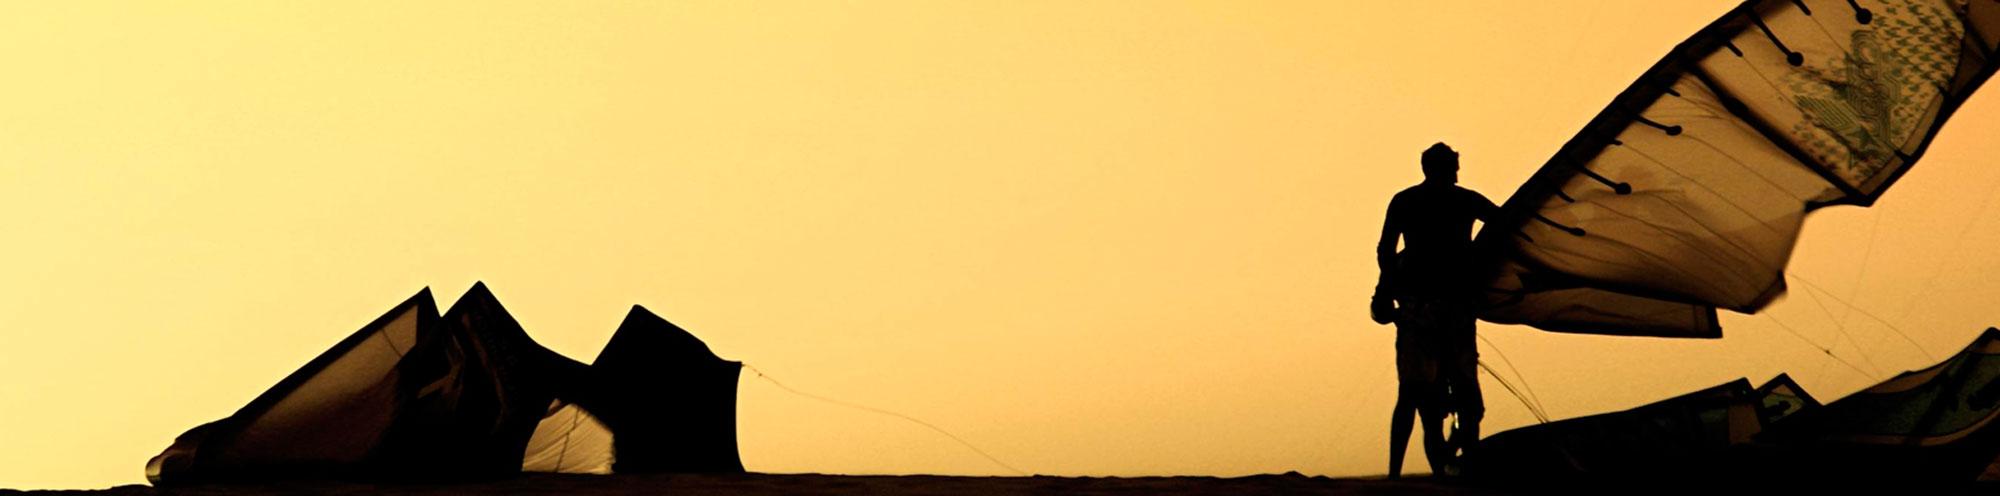 Total Kitesurf - Conil de la Frontera